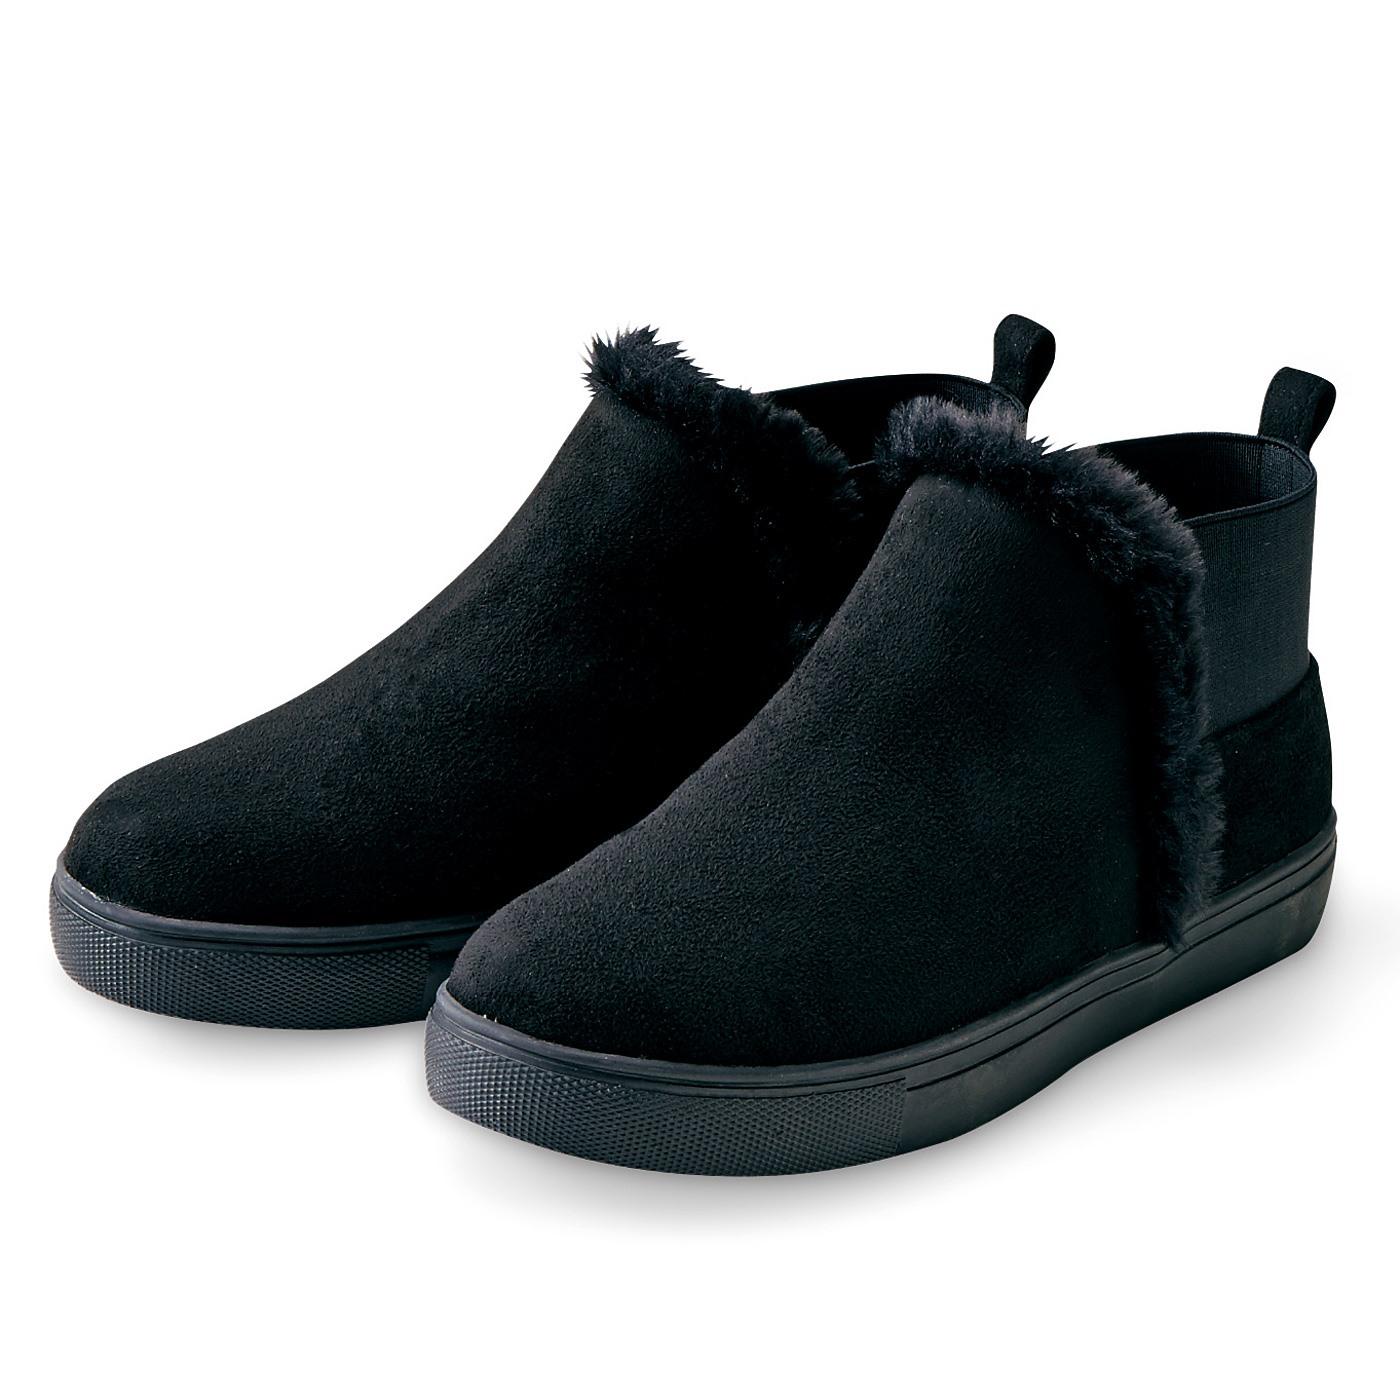 フェリシモ リブ イン コンフォート 幅広ゴムですぽんと履ける あったかスニーカーブーツ〈ブラック〉